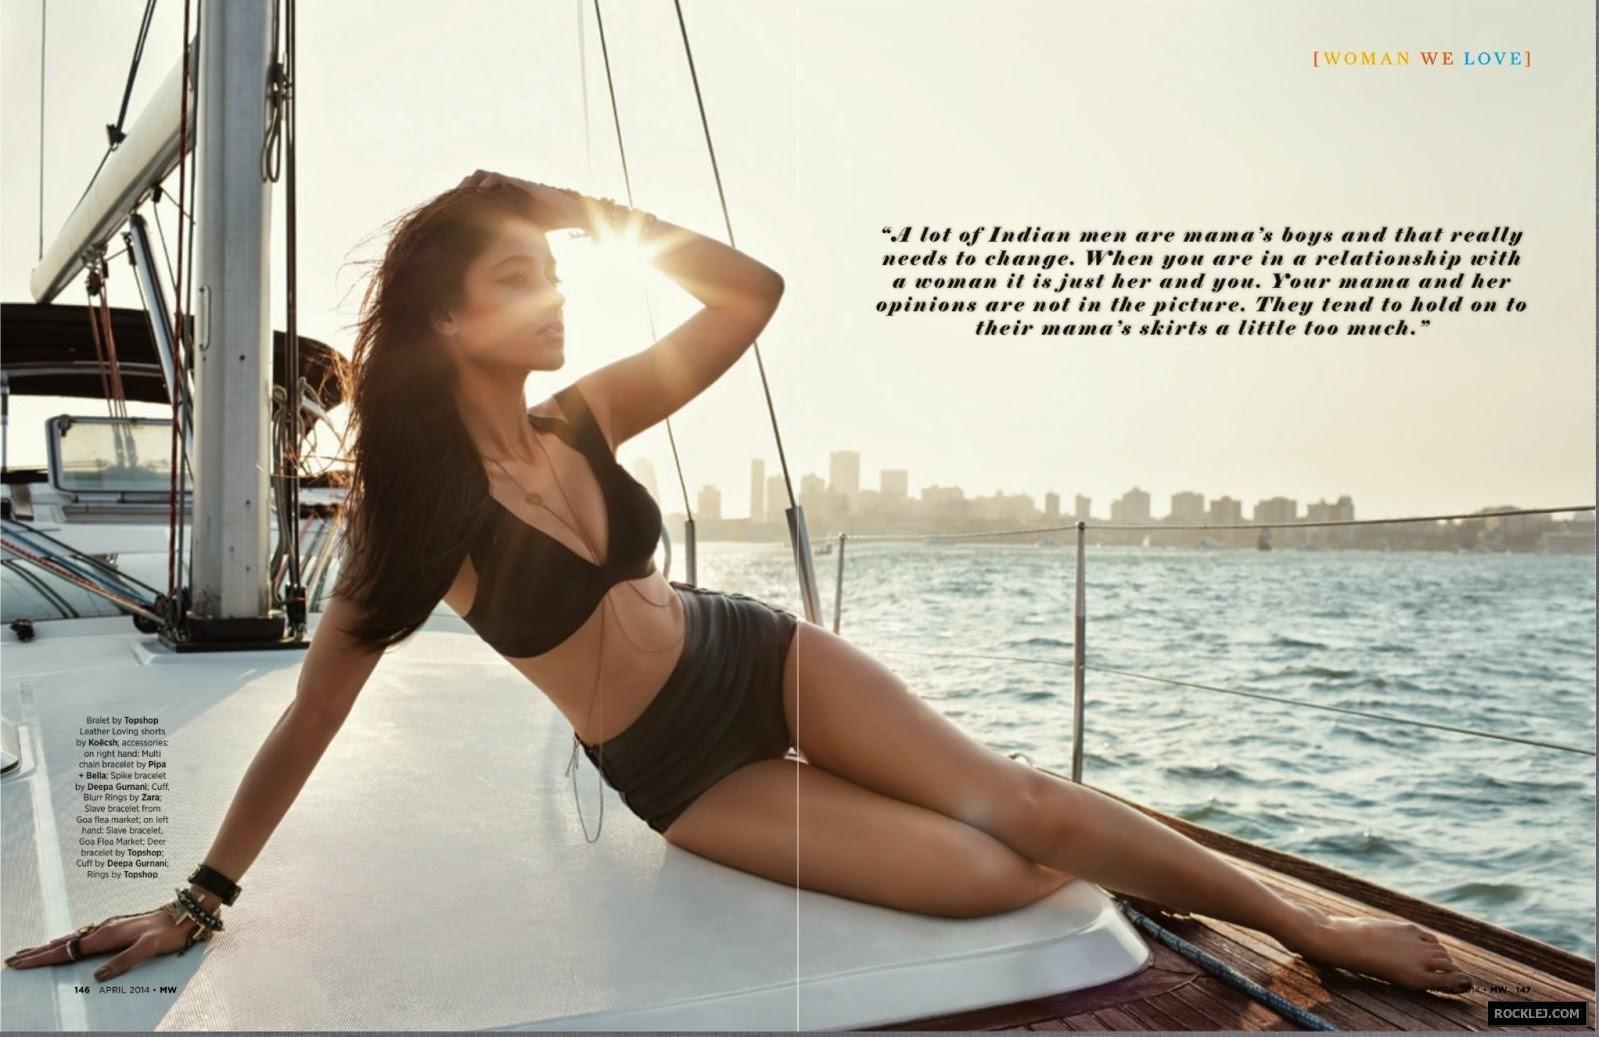 Ileana Dcruz MW Magazine